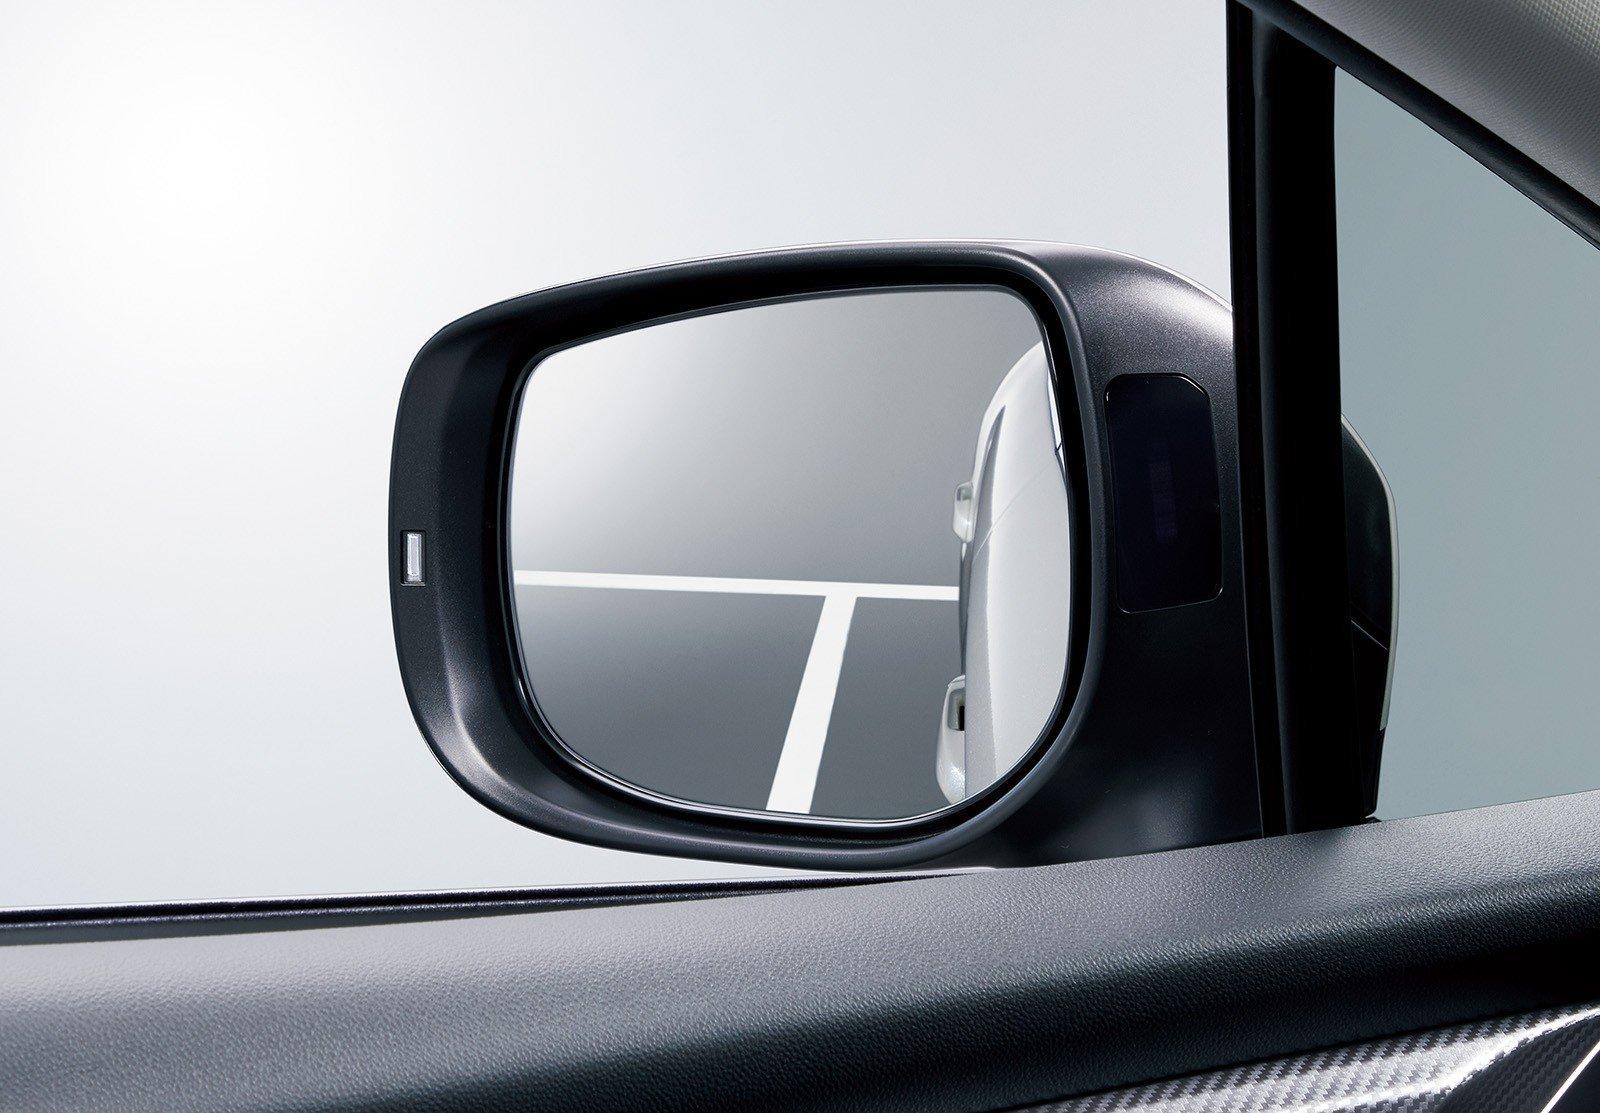 Subaru-Impreza-facelift-17